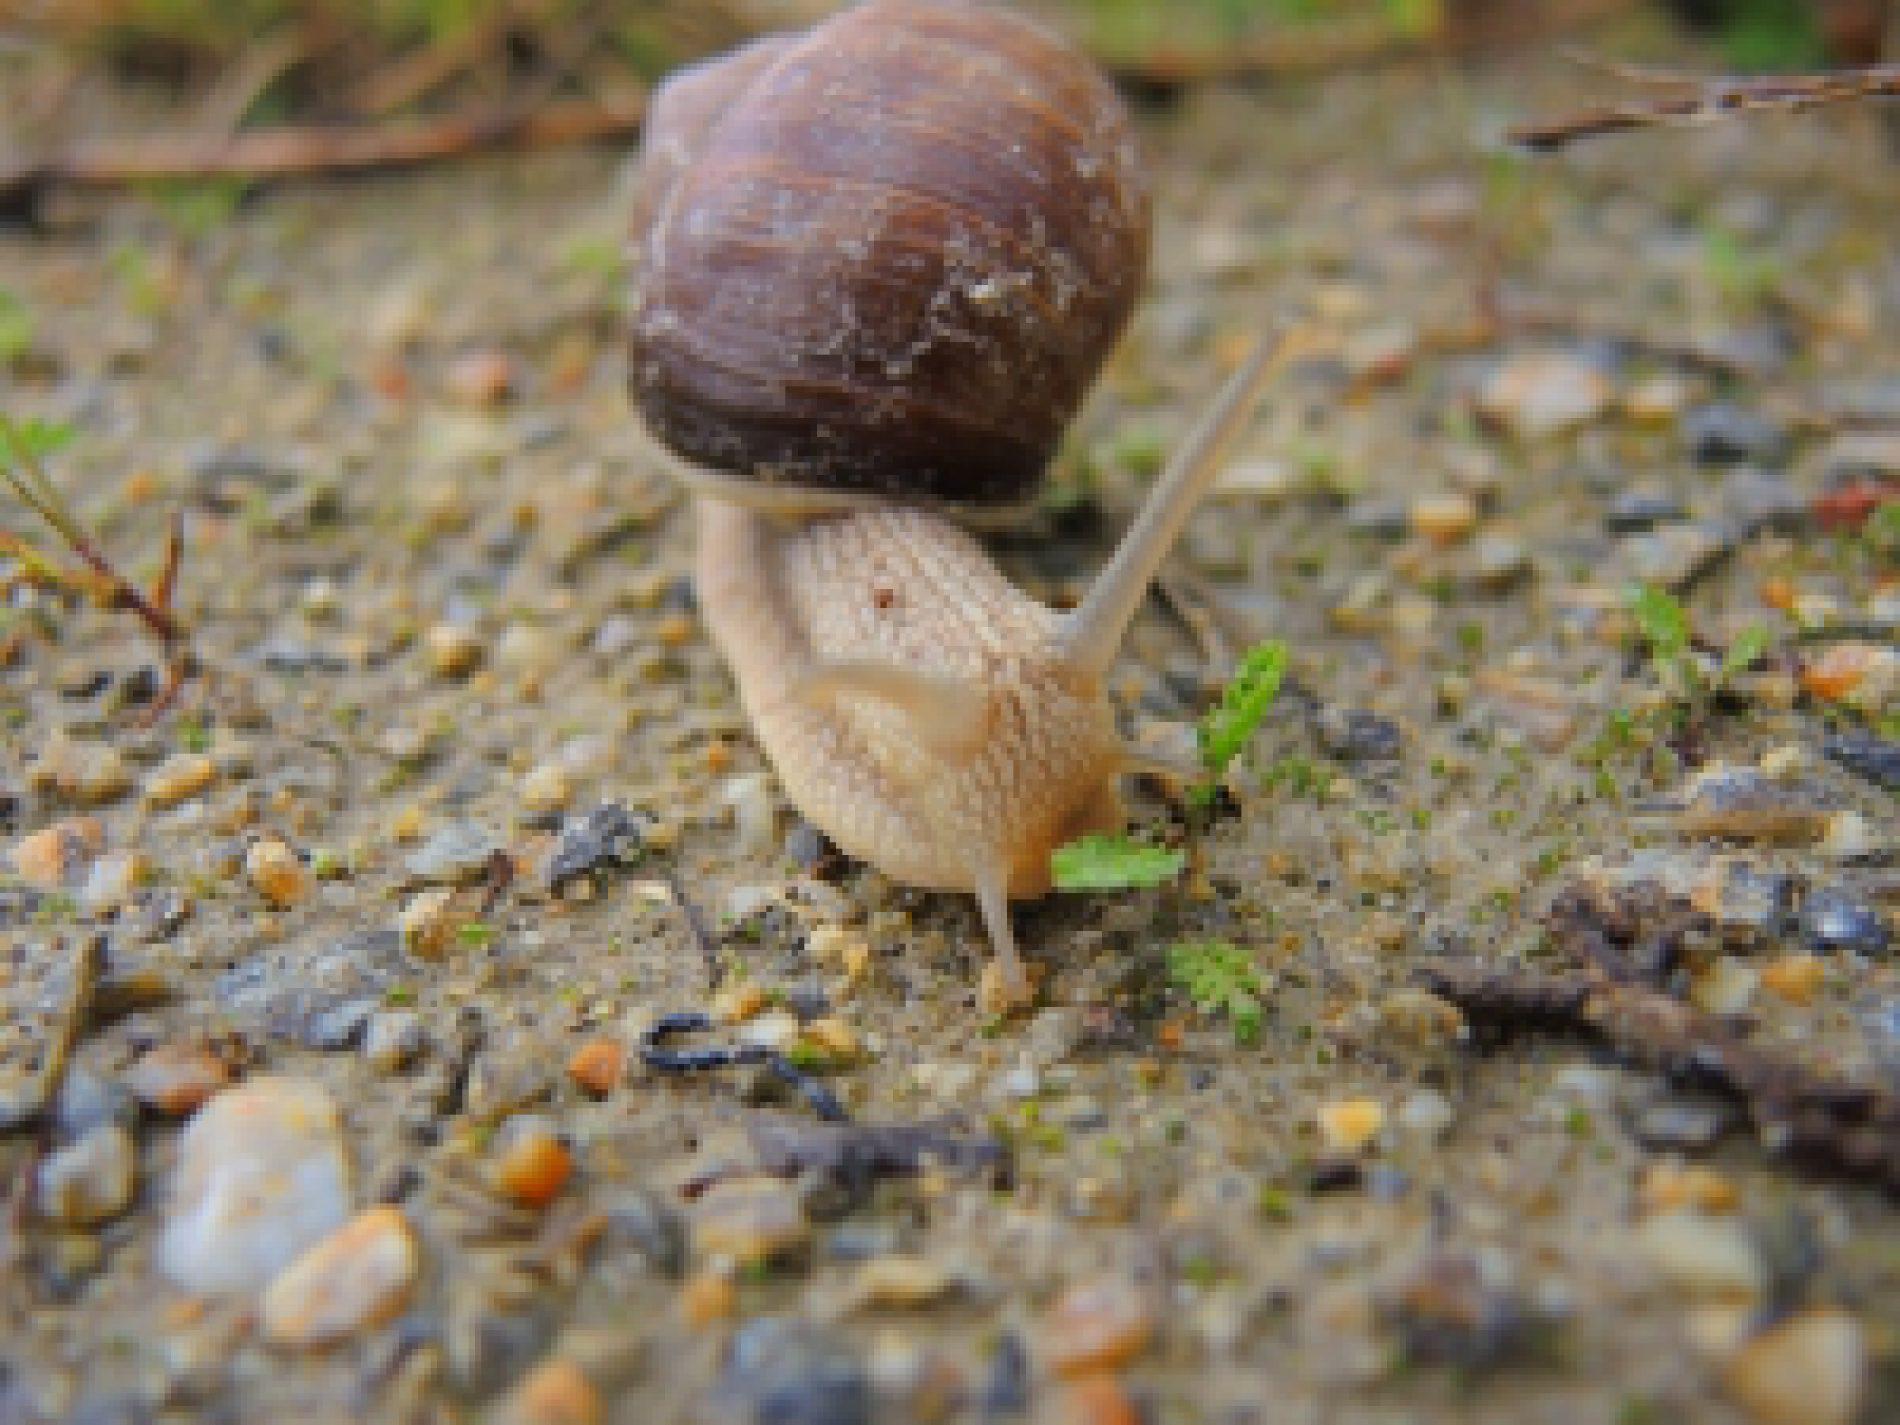 Na Warmii i Mazurach nie będzie można zbierać ślimaków winniczków